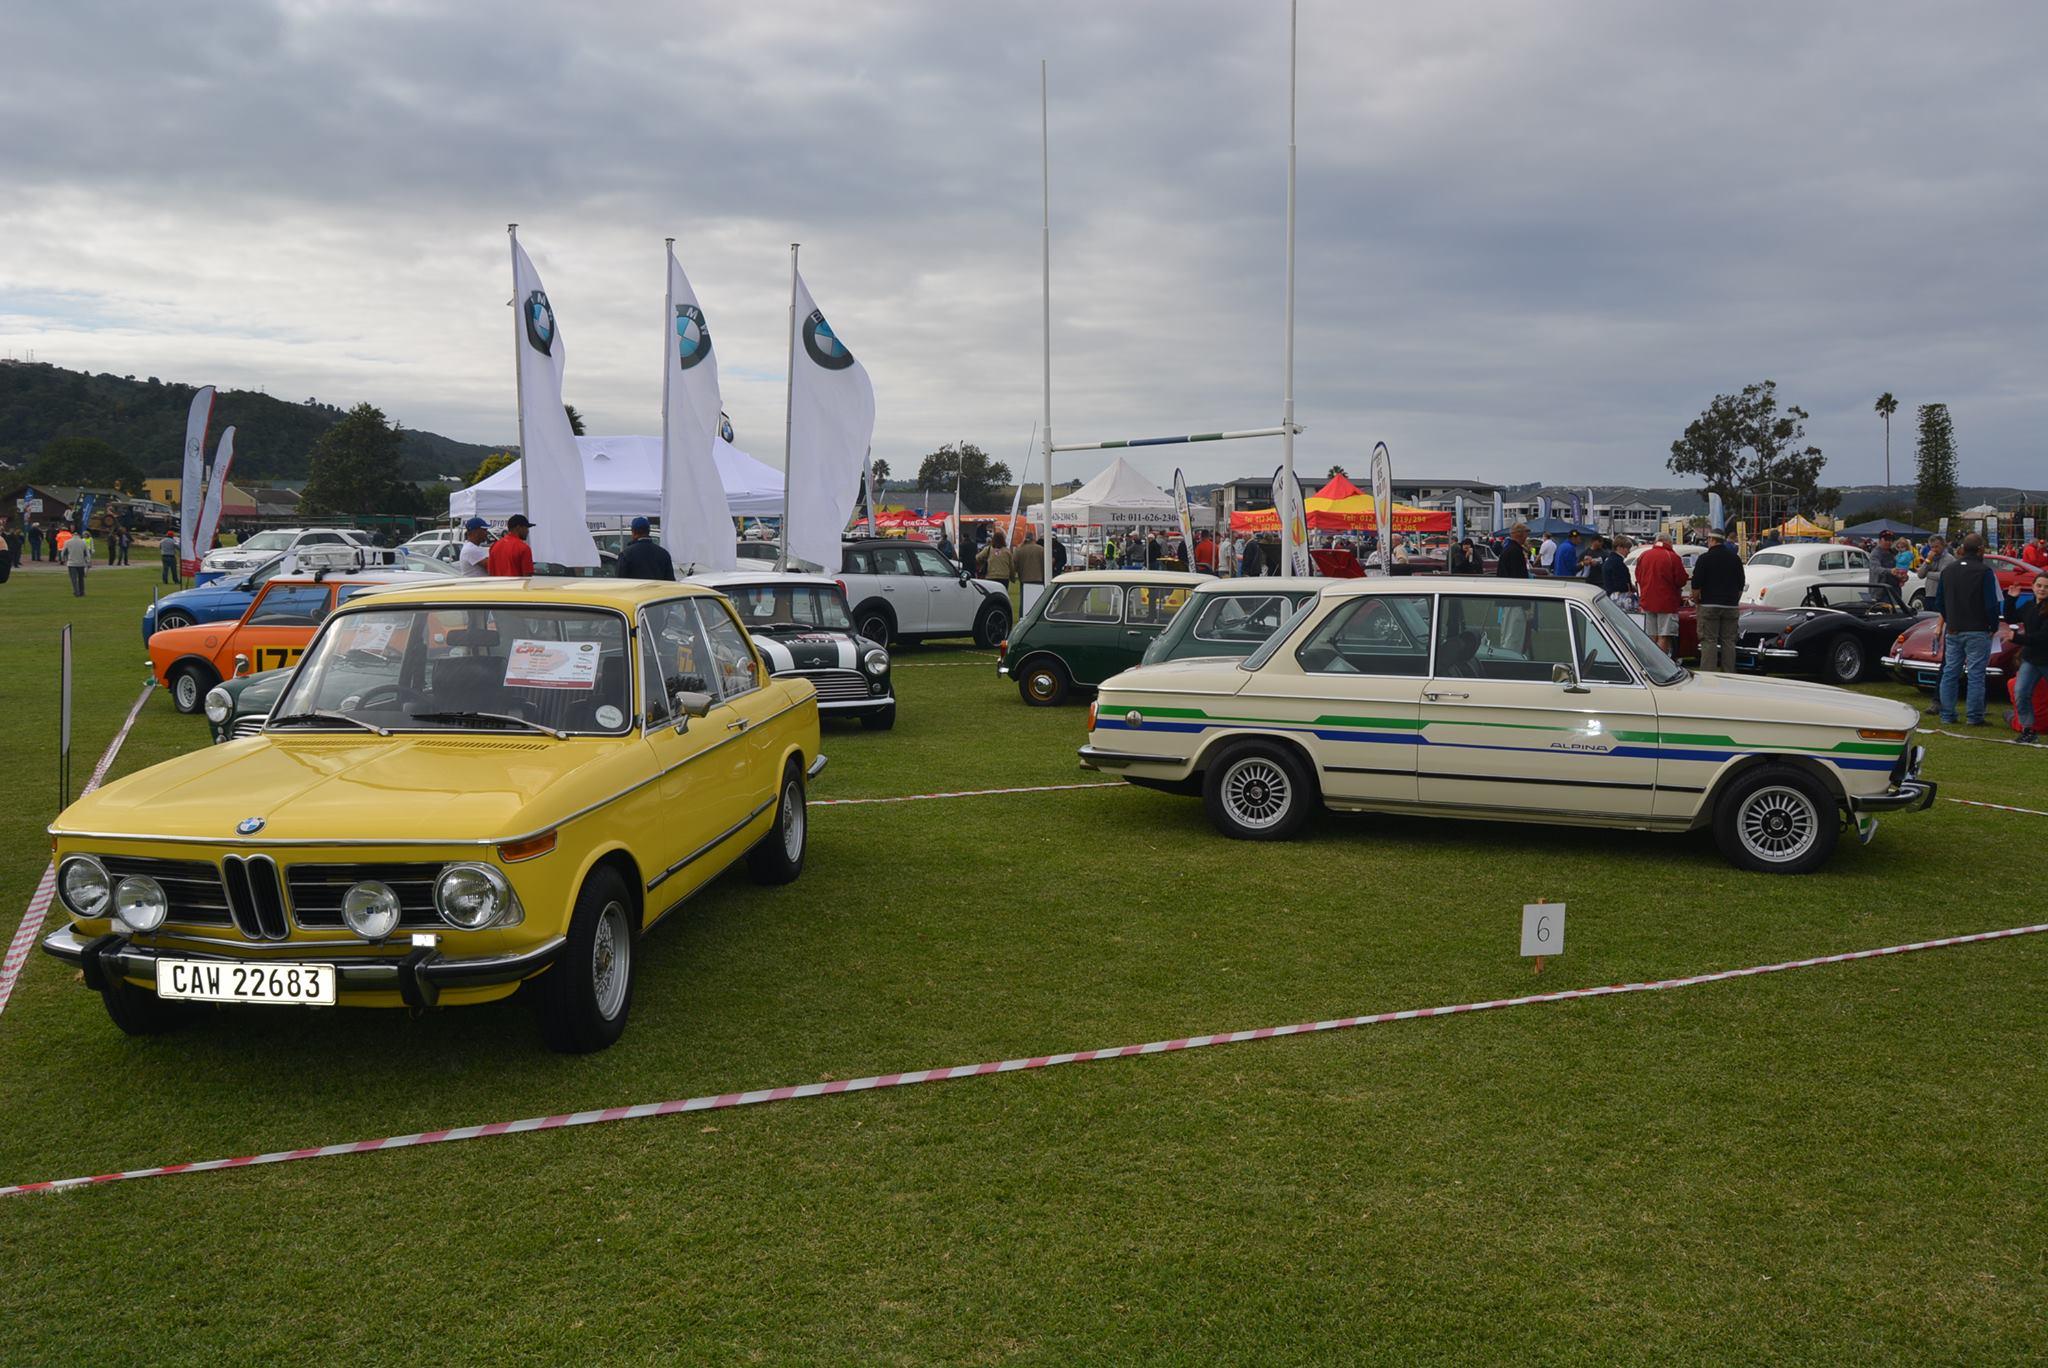 2021 Knysna Motor Show cancelled amid resurgence of COVID-19